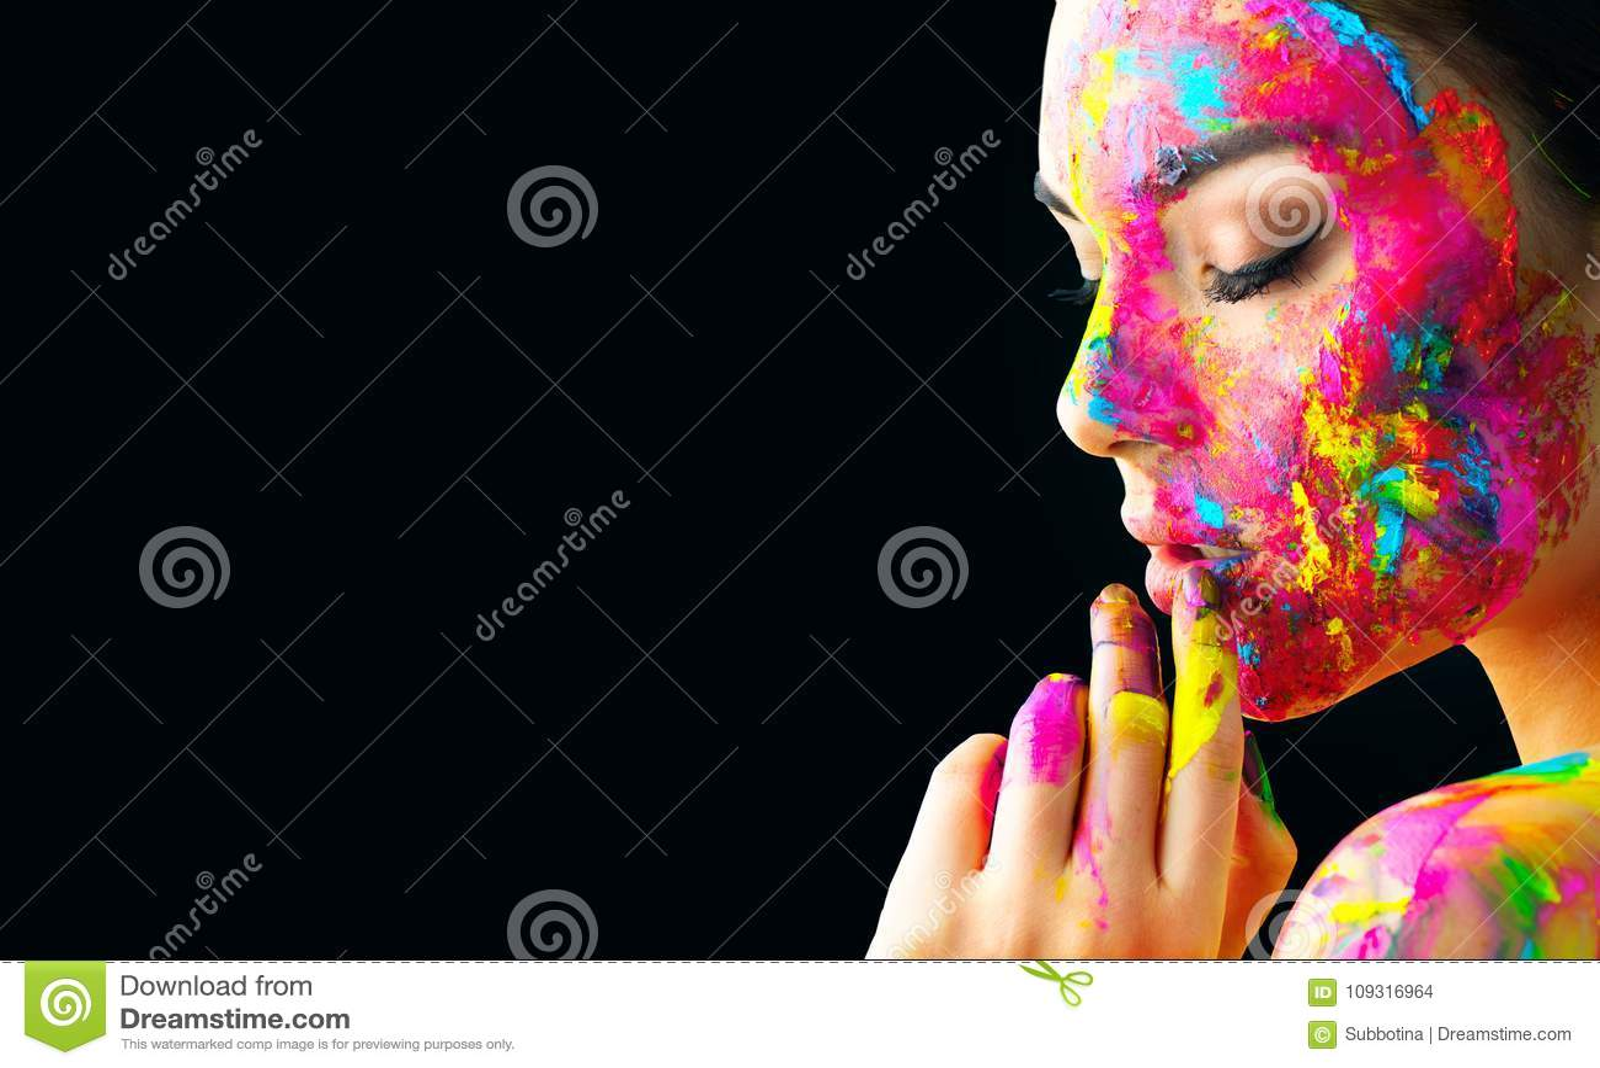 Menina modelo da beleza com pintura colorida em sua cara Retrato da mulher bonita com pintura do líquido de fluxo